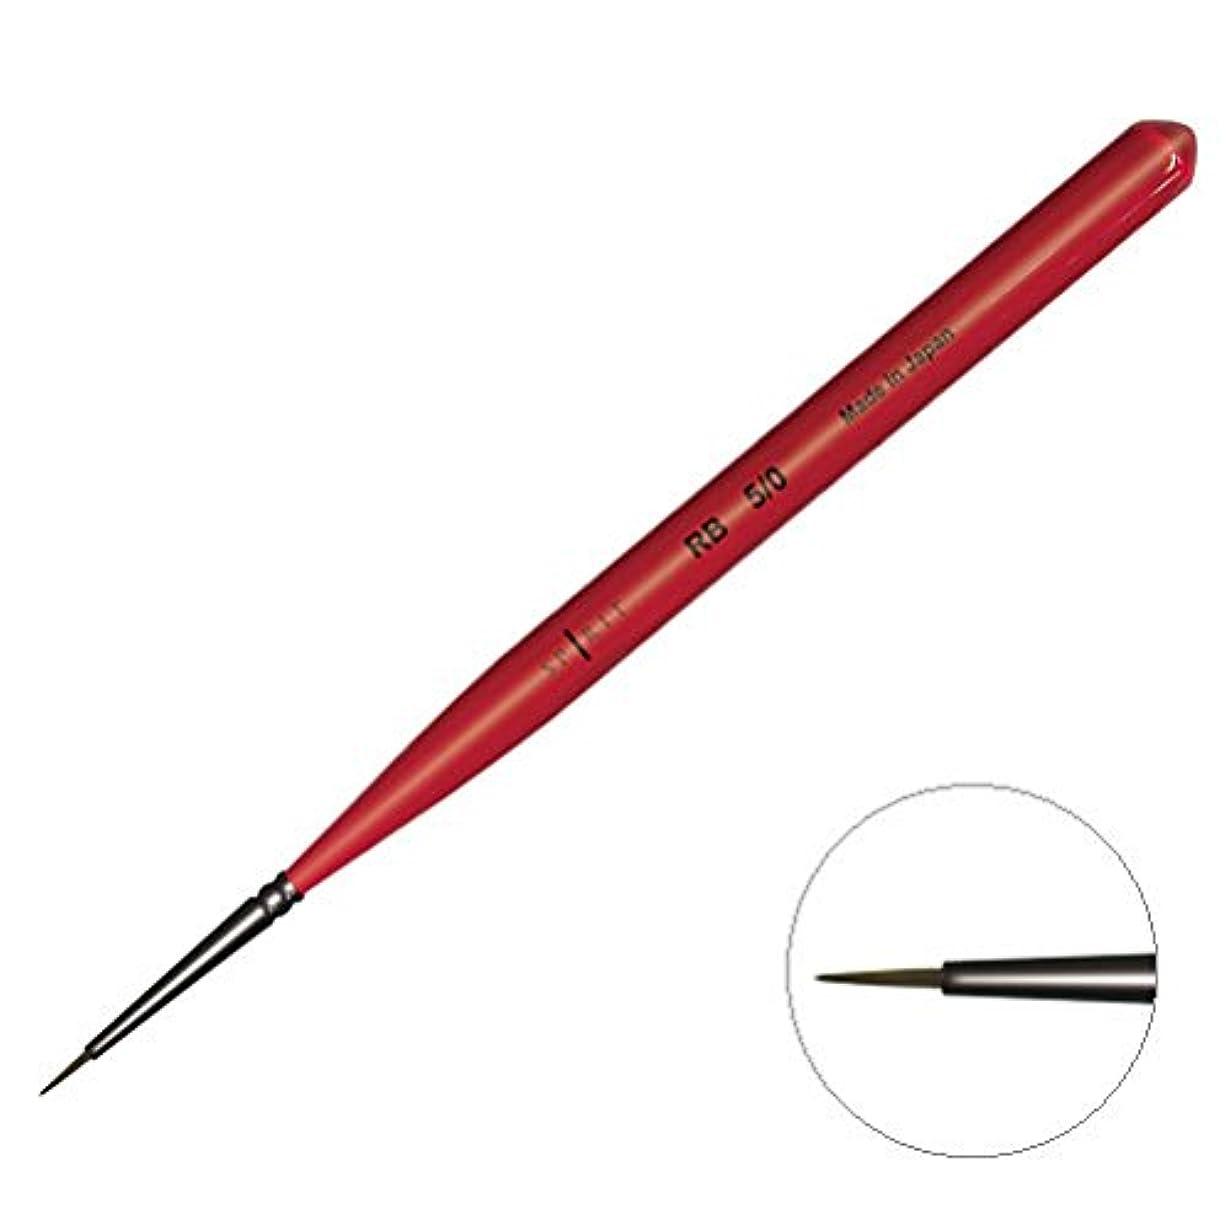 実用的プロット今後プリジェル ネイルブラシ RB 5/0 アート用筆 SP5-0